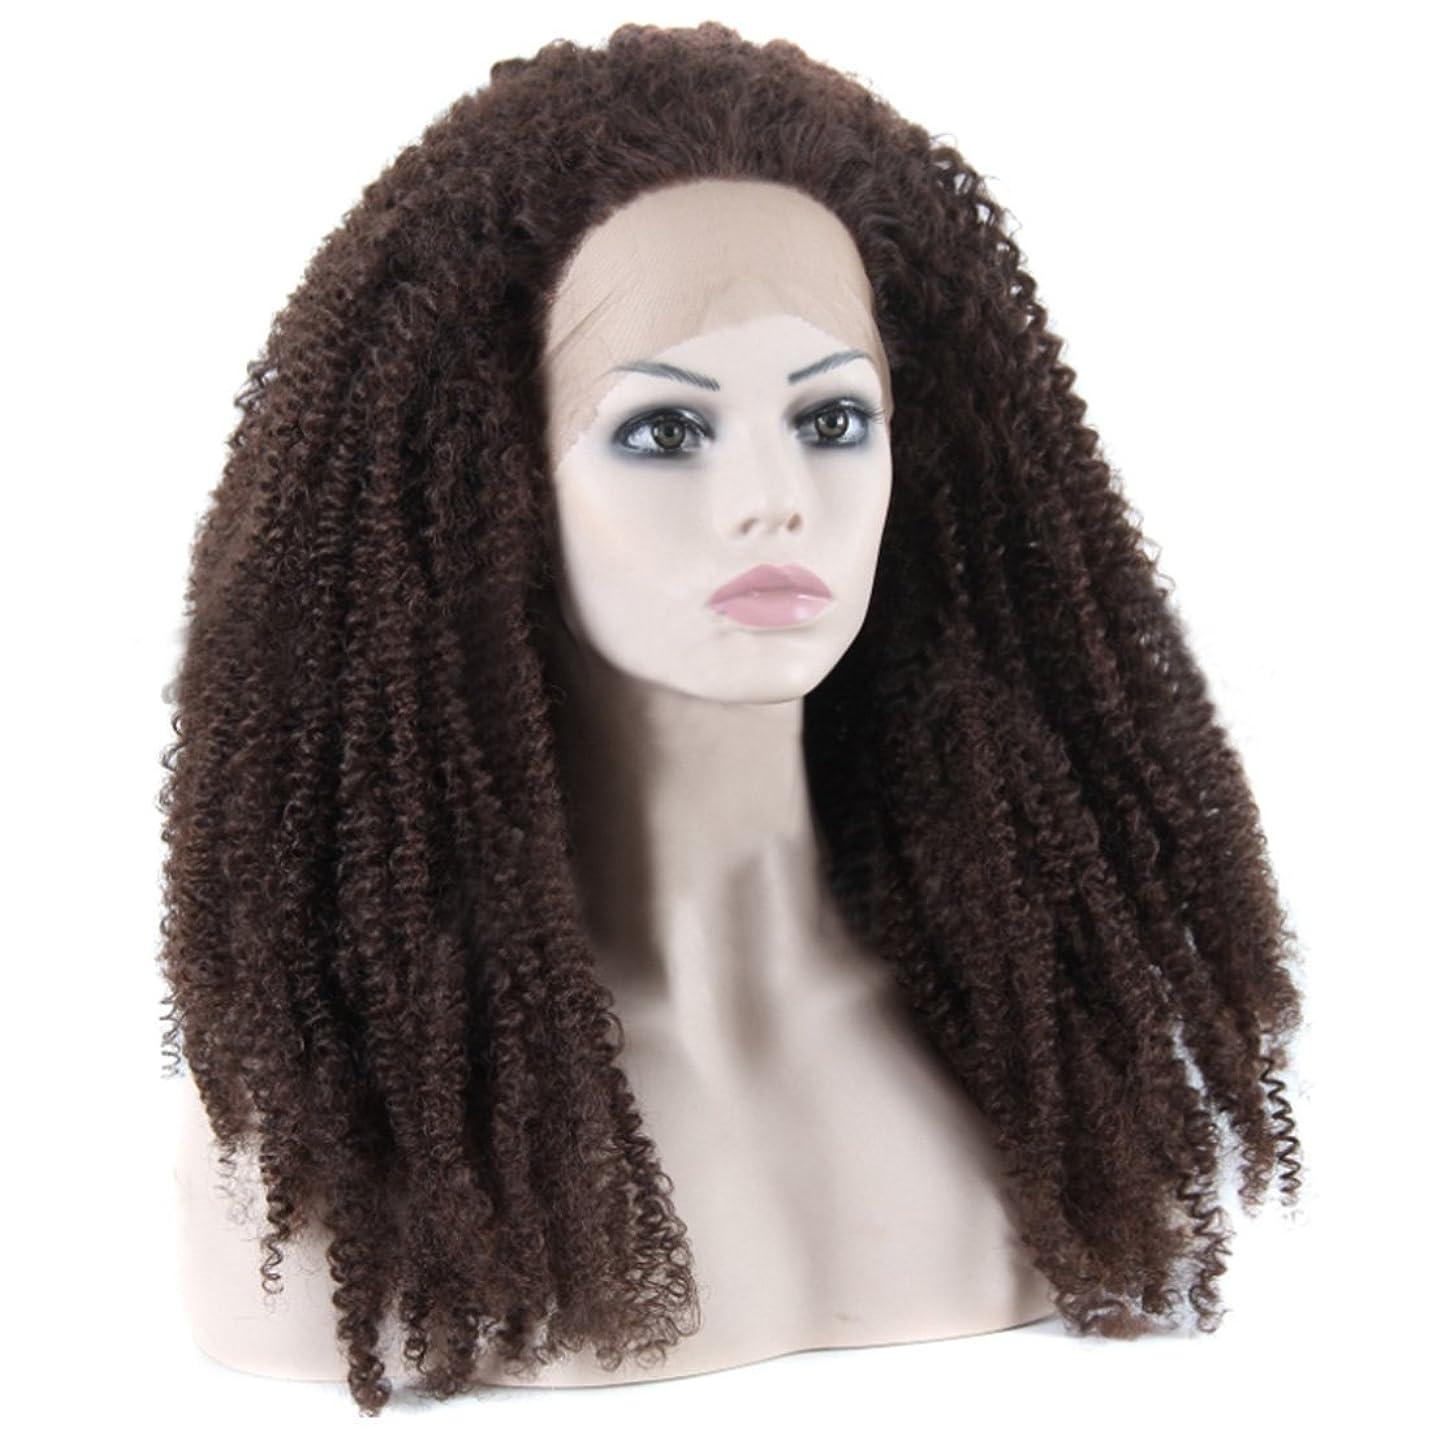 そこから留め金尋ねるDoyvanntgo 女性用ロングウィッグレースフロントヘアアフリカスモールロールウィッグナチュラルブラックとブラウンカーリーウィッグフルハンドウィービングヘア320g (Color : Black and brown)